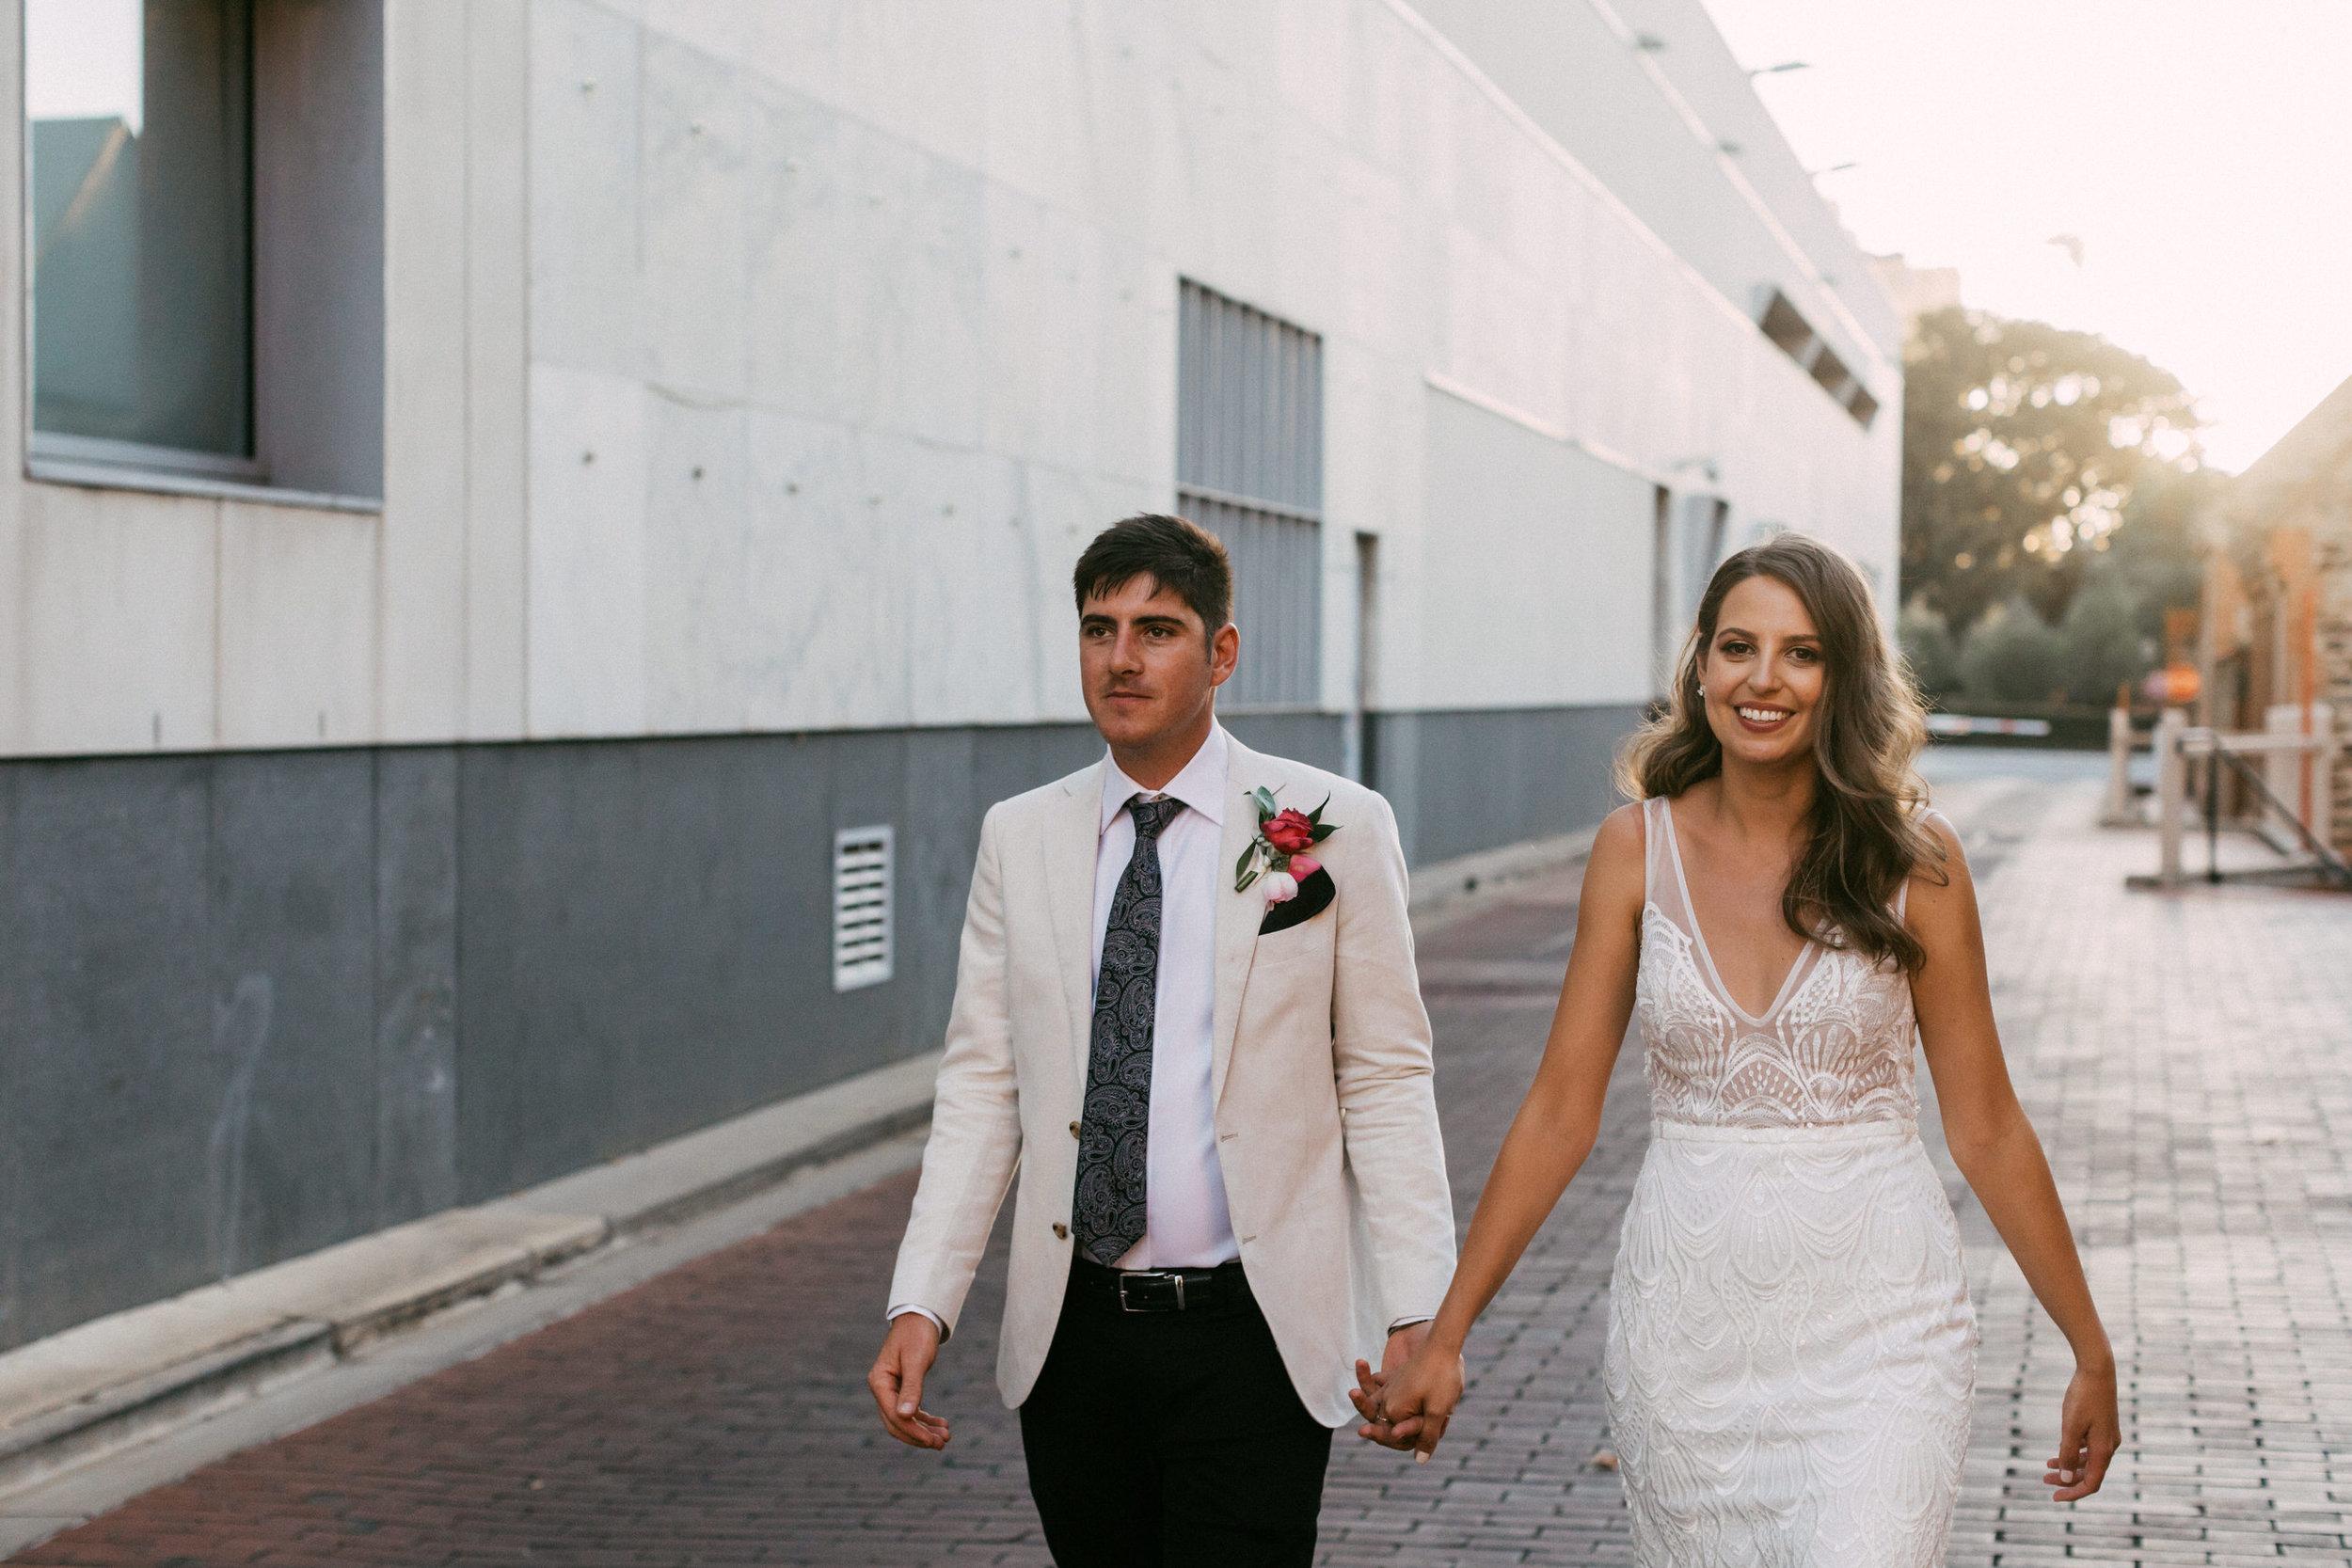 Adelaide City Fringe Garden Unearthly Delight Wedding 099.jpg